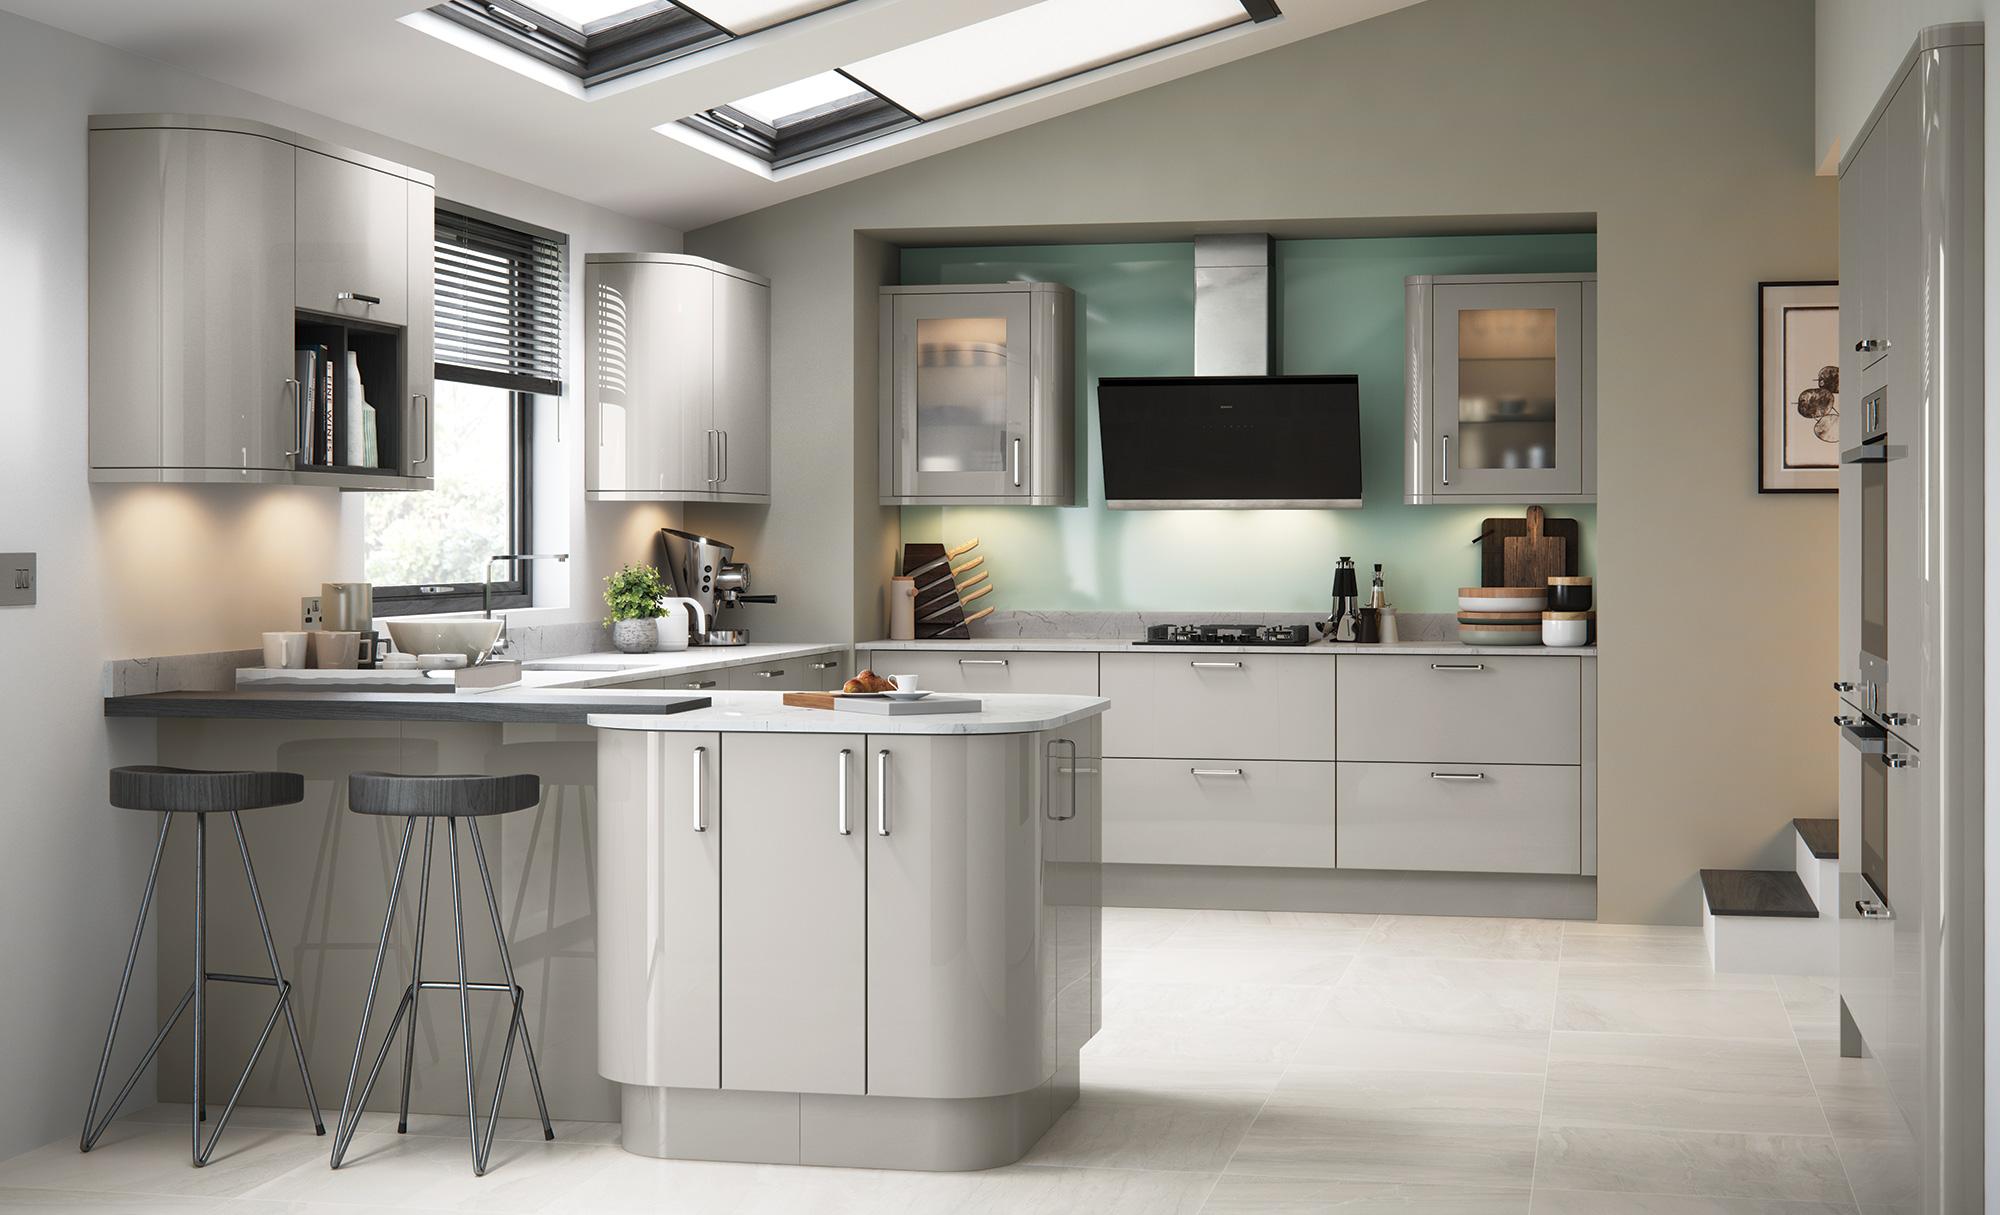 Modern Contemporary Kitchen - Zola Gloss Cashmere Kitchen - Kitchen Design - Alan Kelly Kitchens - Waterford